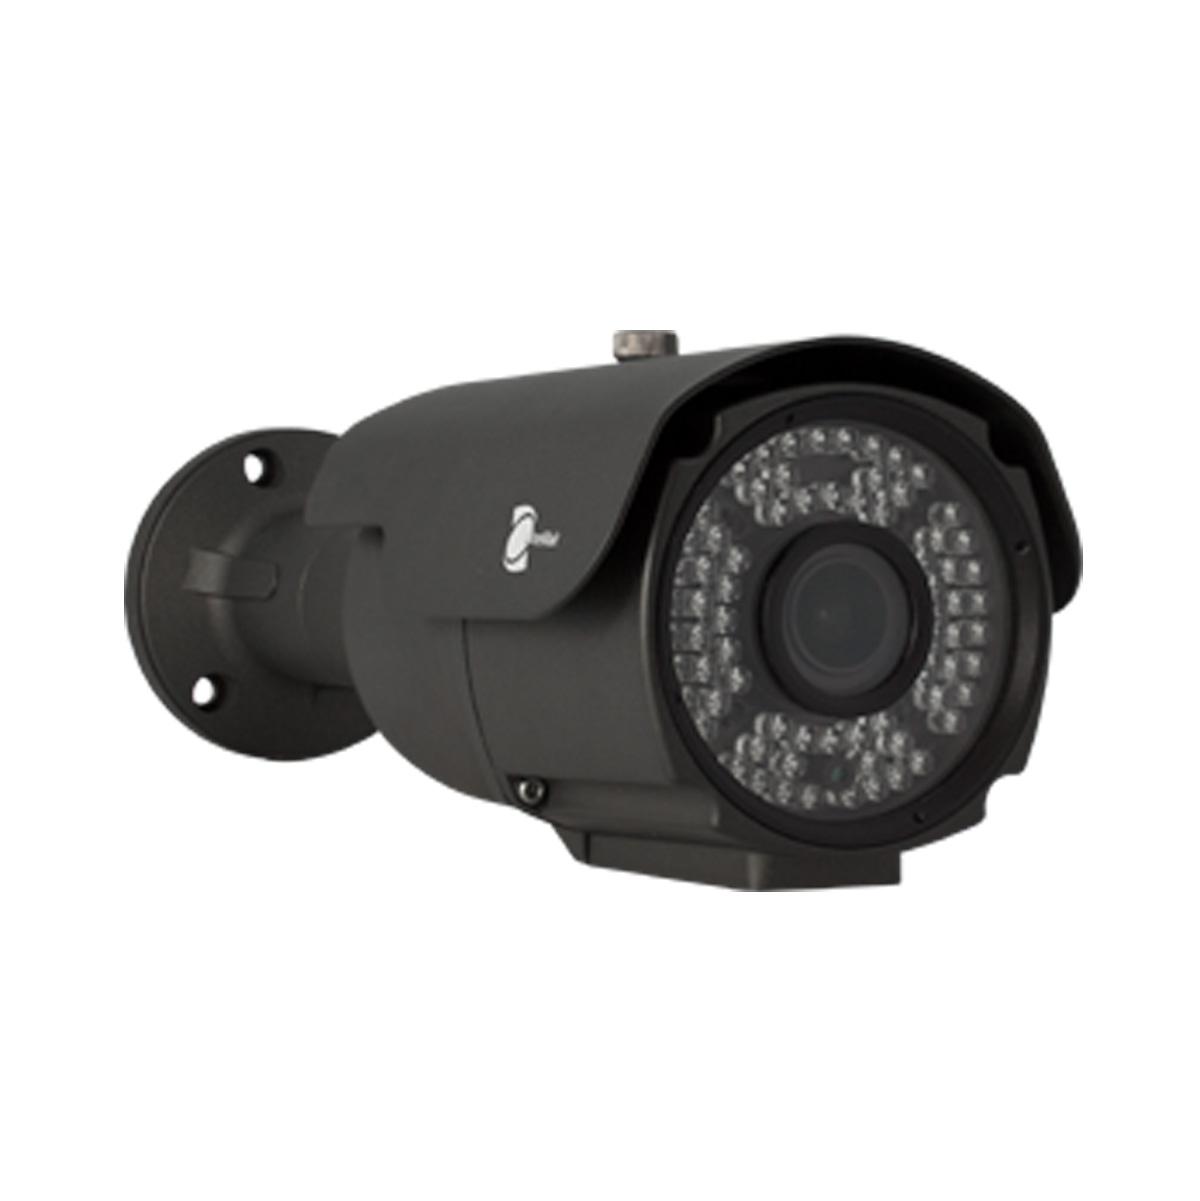 IR Bullet camera 1/3 SONY CMOS 1000TVL 2 8-12mm lens 72 LED 196ft IR